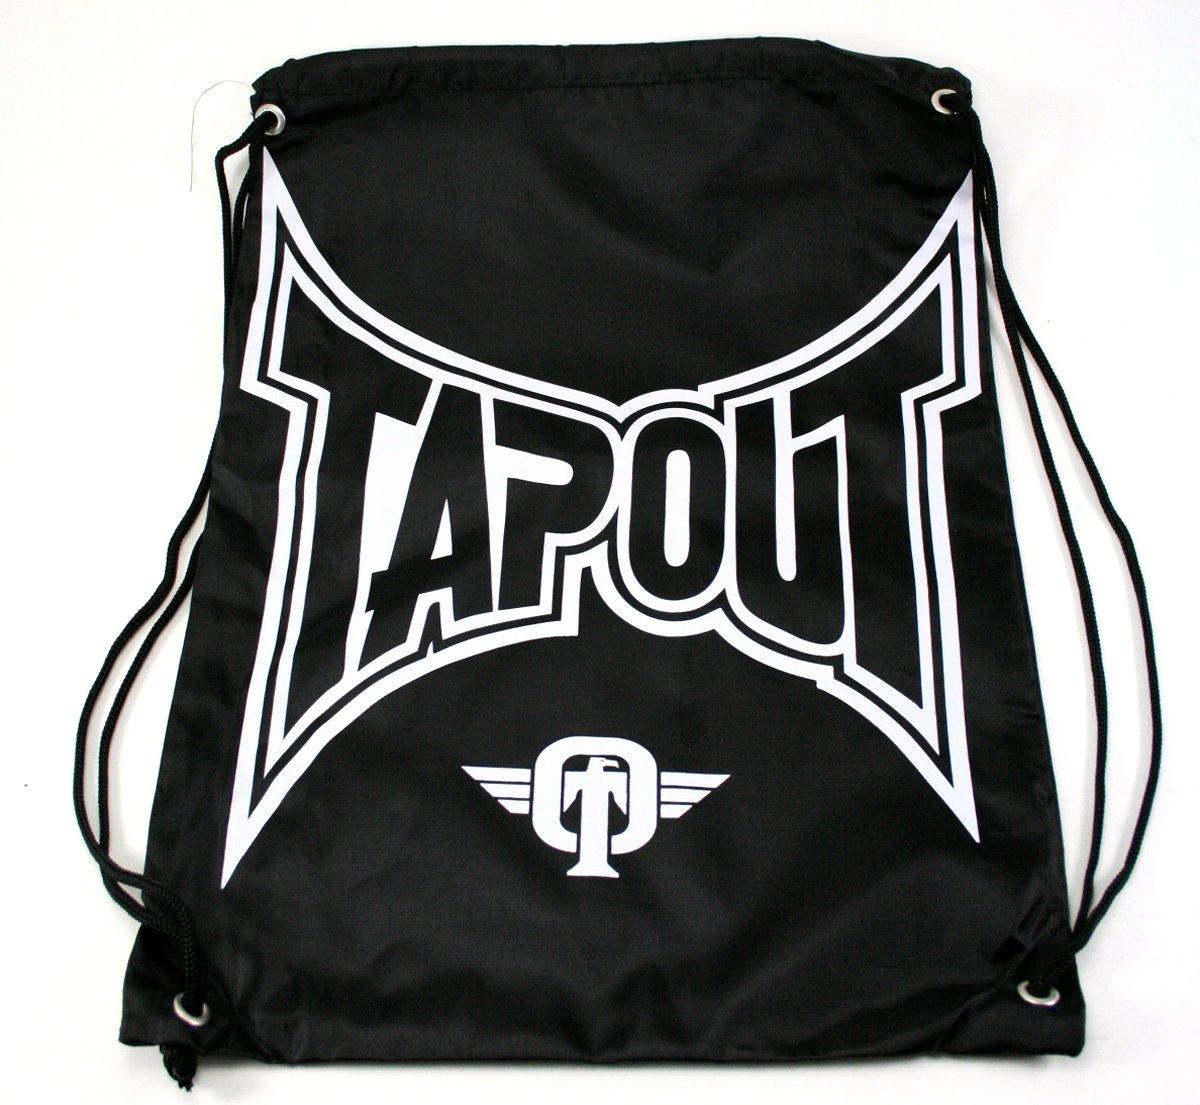 Tapout Equipment Bag Tapout Logo Cinch Bag